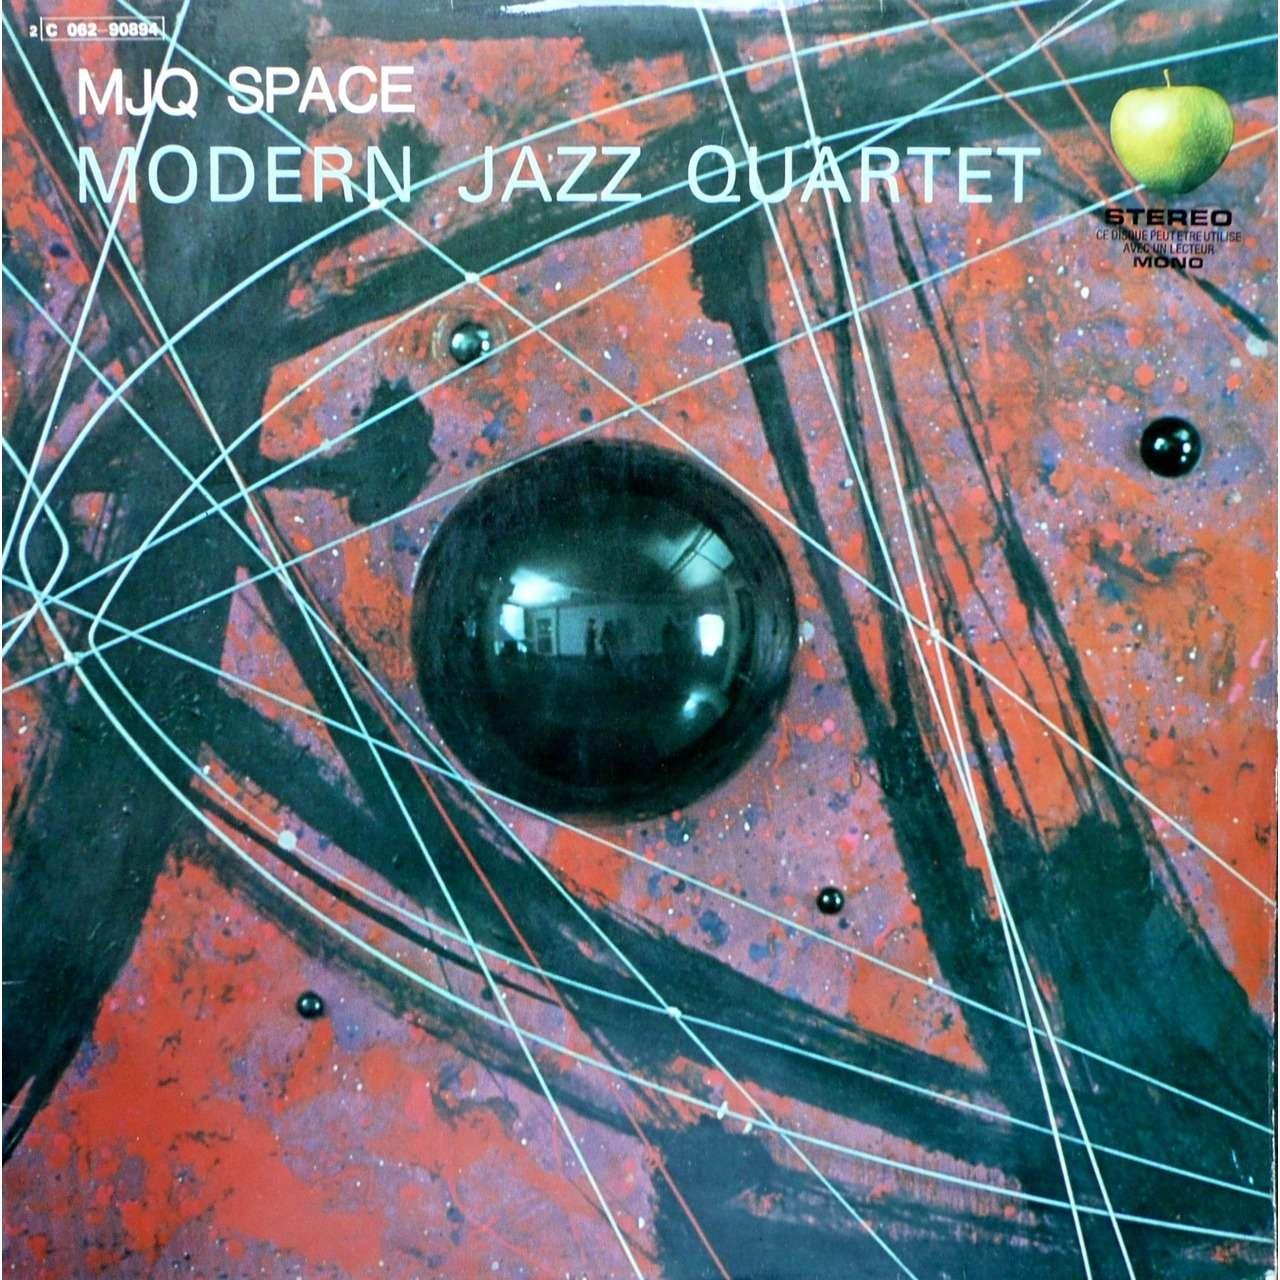 The Modern Jazz Quartet - Under The Jasmin Tree